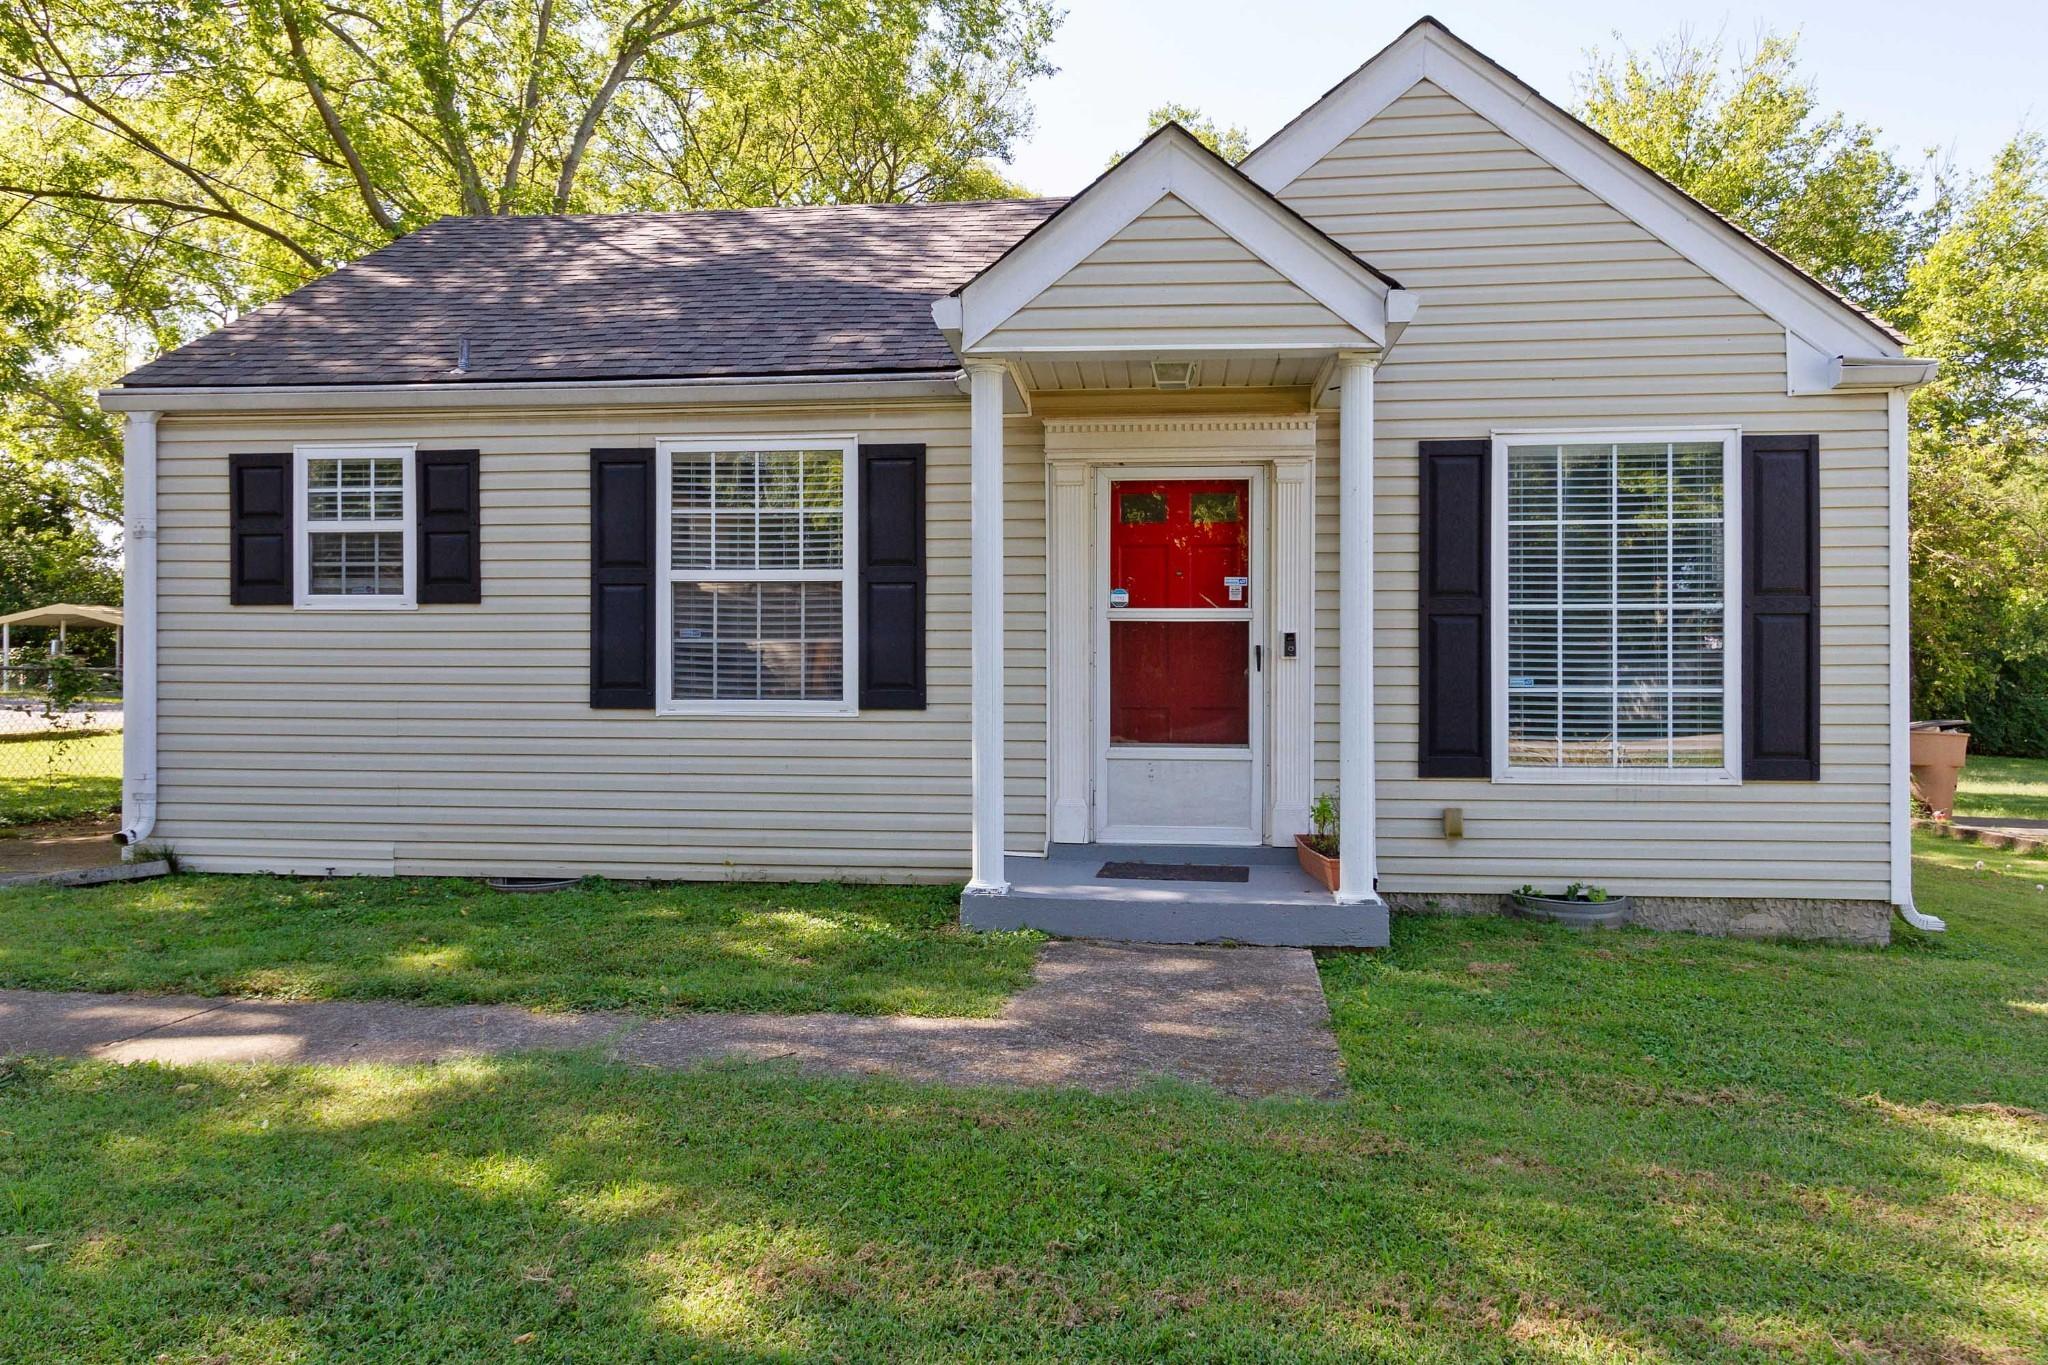 4605 Grinstead Pl Property Photo - Nashville, TN real estate listing